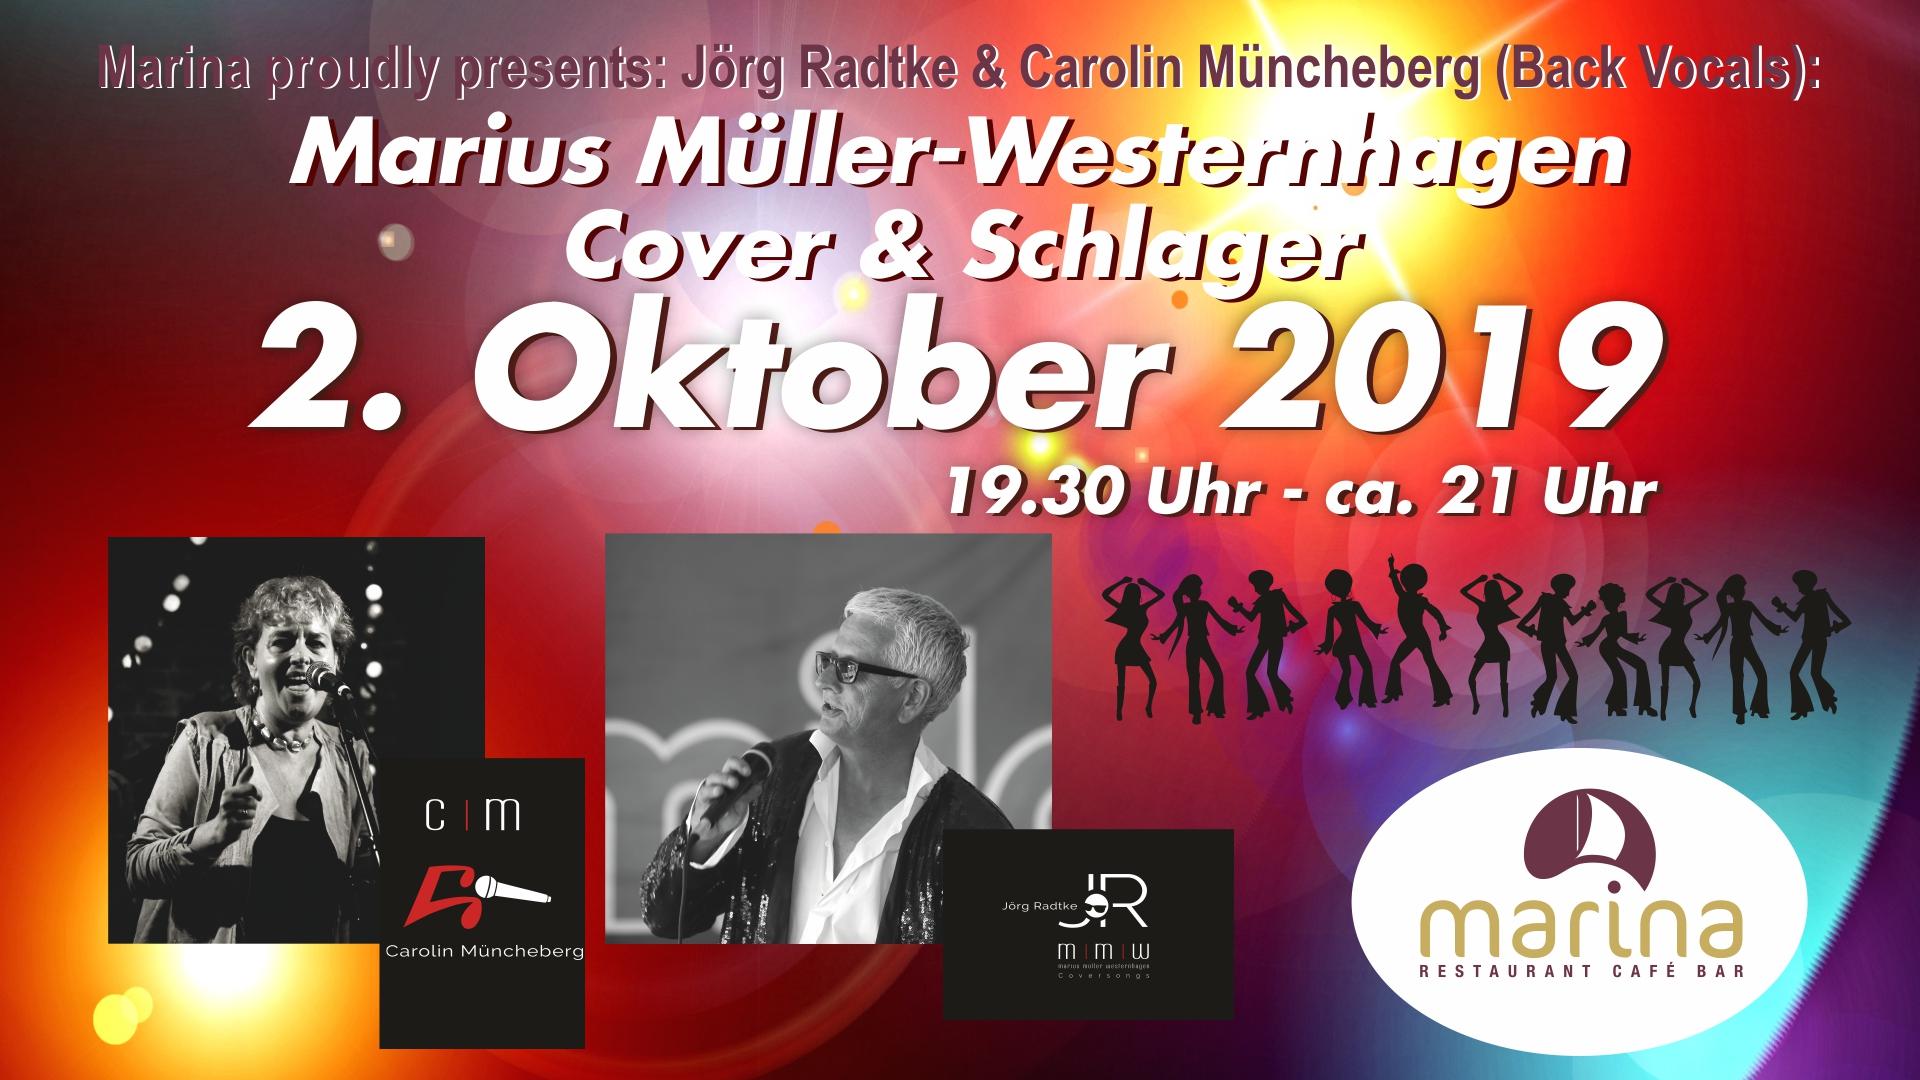 Marina proudly presents Jörg Ratke & Carolin Müncheberg am 2. Oktober um 19.30 Uhr!